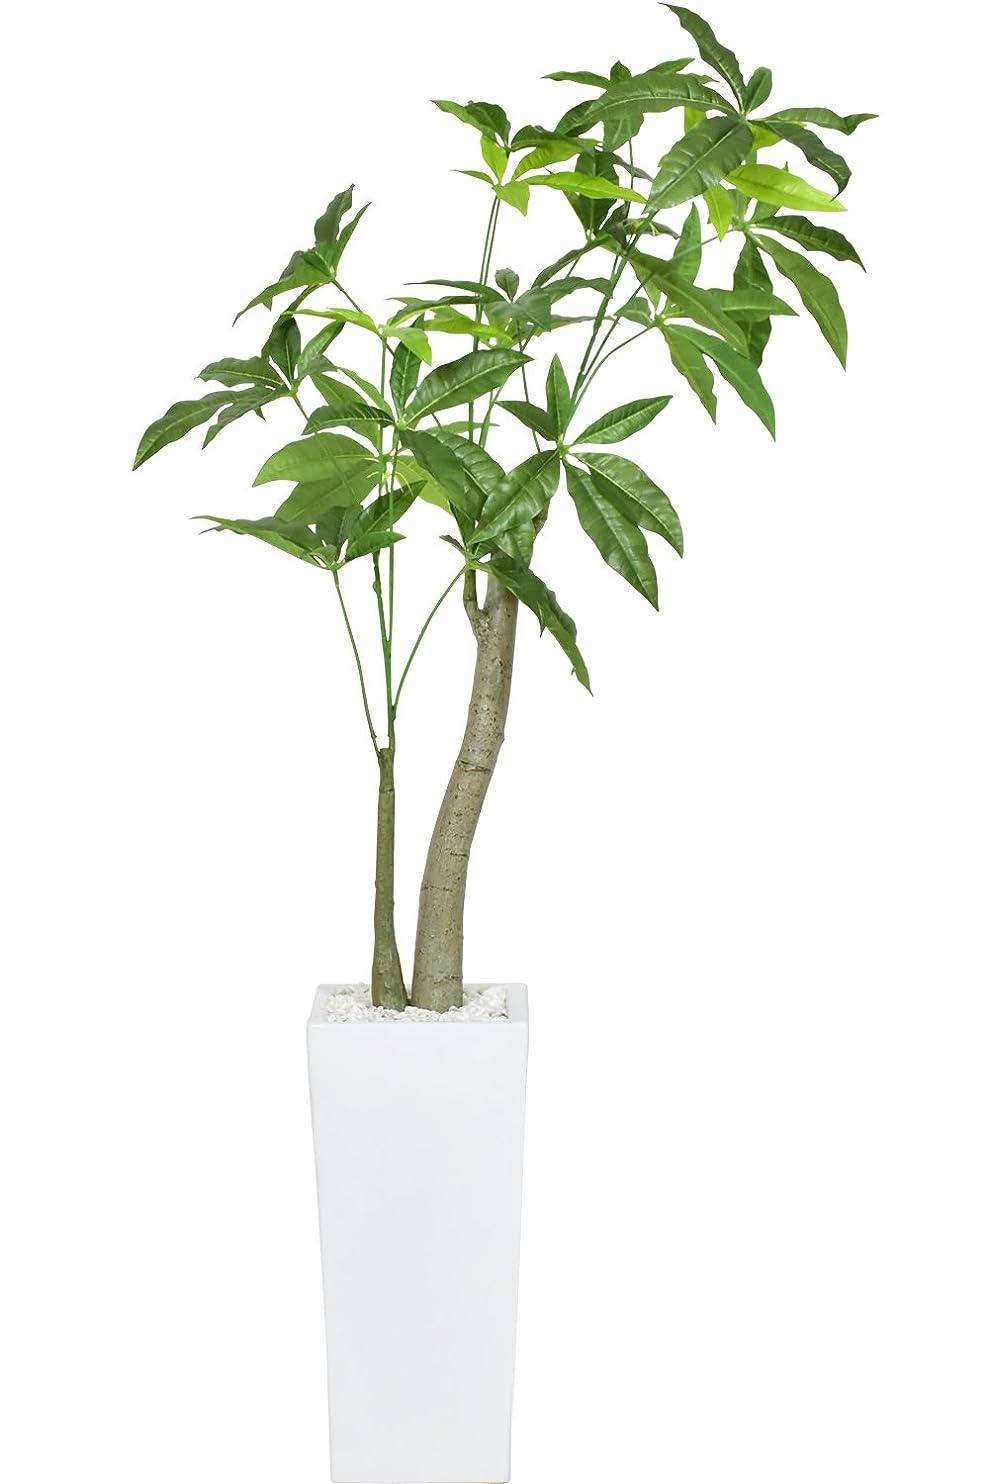 ジャンクション傘打ち上げるDORIS 観葉植物 人工観葉植物 高さ約107cm 本物に近い質感 水やり不要 陶器鉢 パキラ M